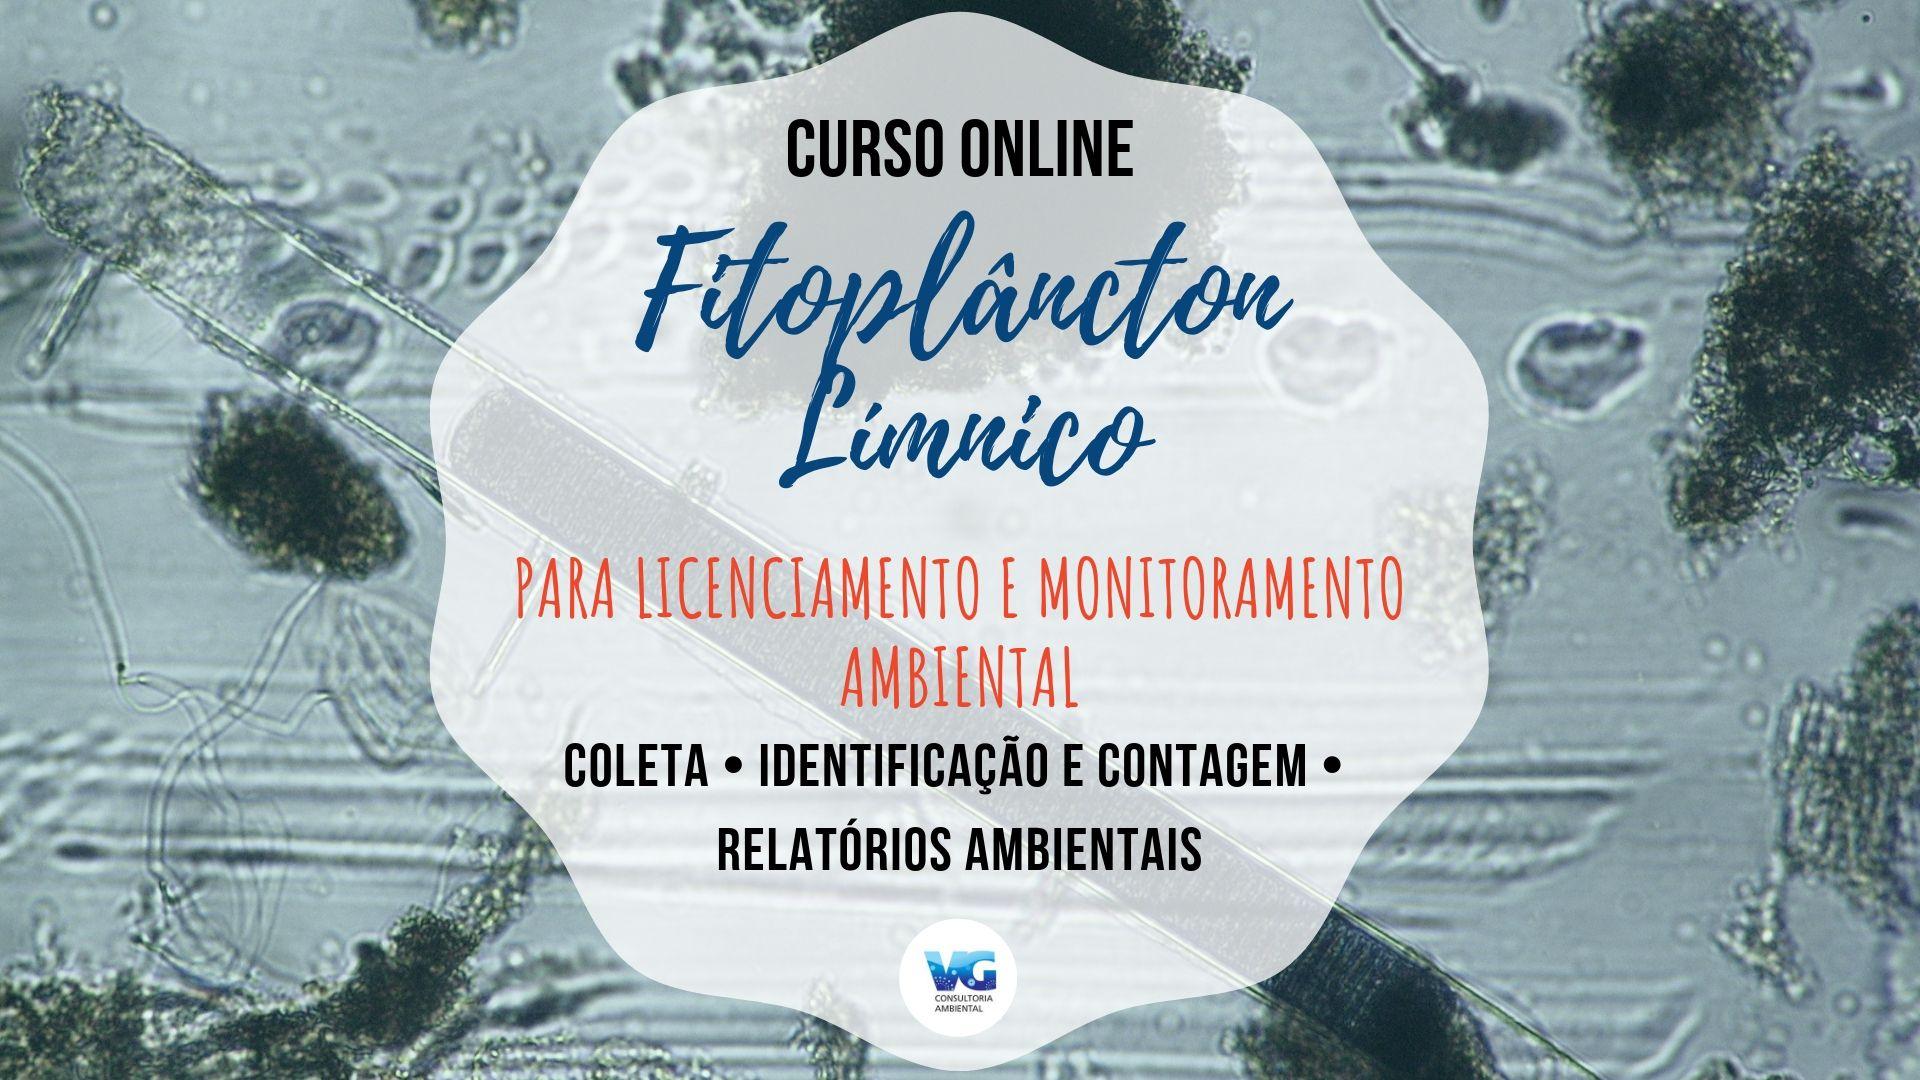 licenciamento-fito-limnico-online